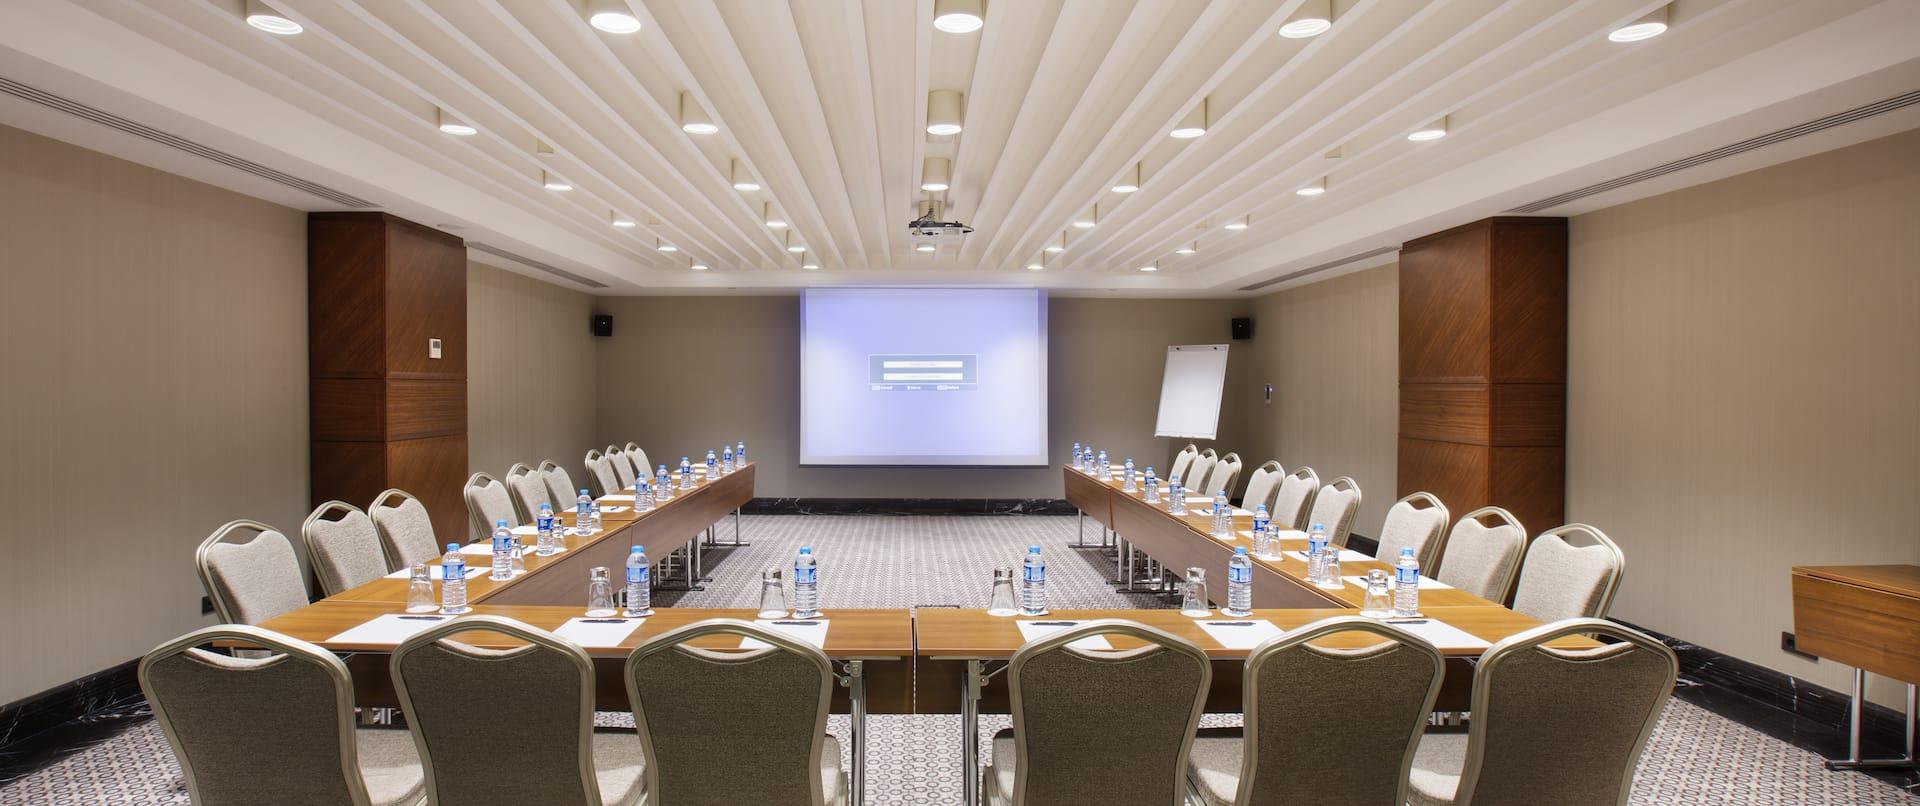 Meeting Room in U-Shape